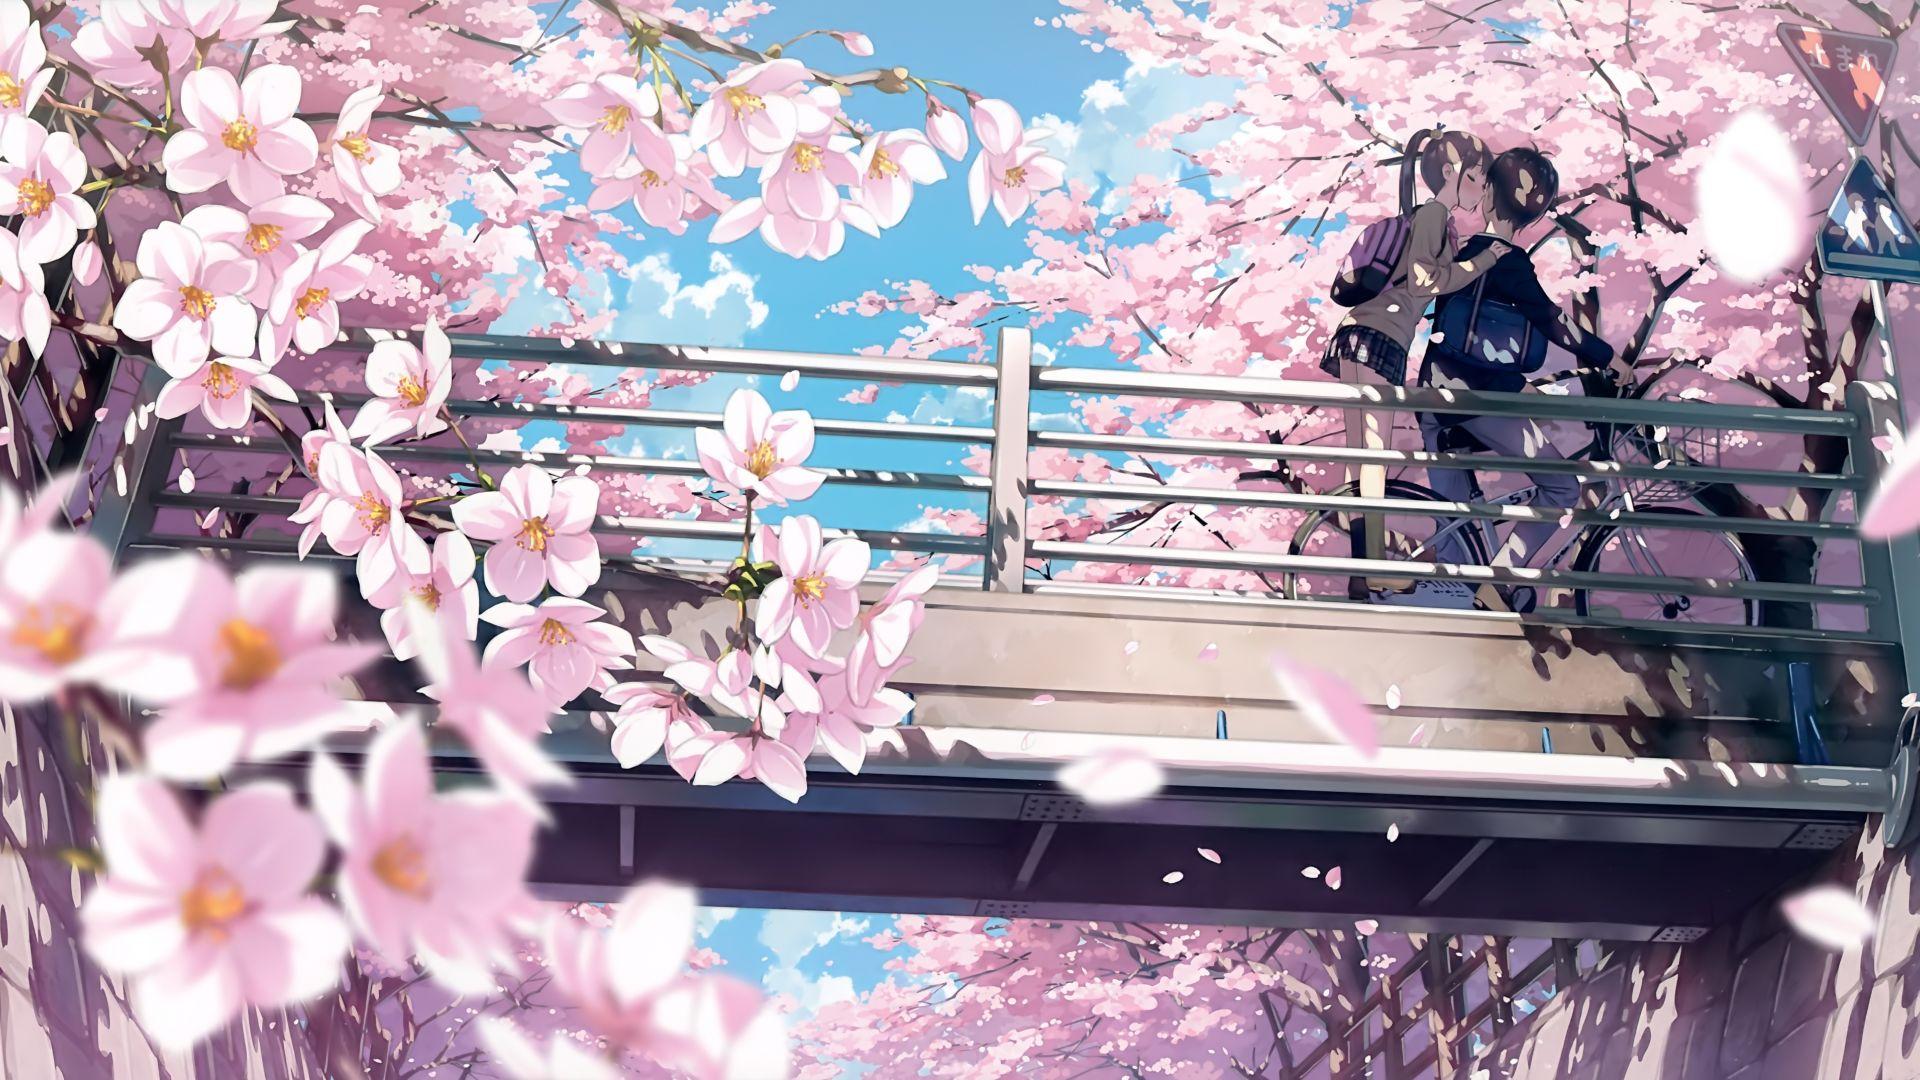 Desktop Wallpaper Cherry Blossom Anime Couple Kiss 4k